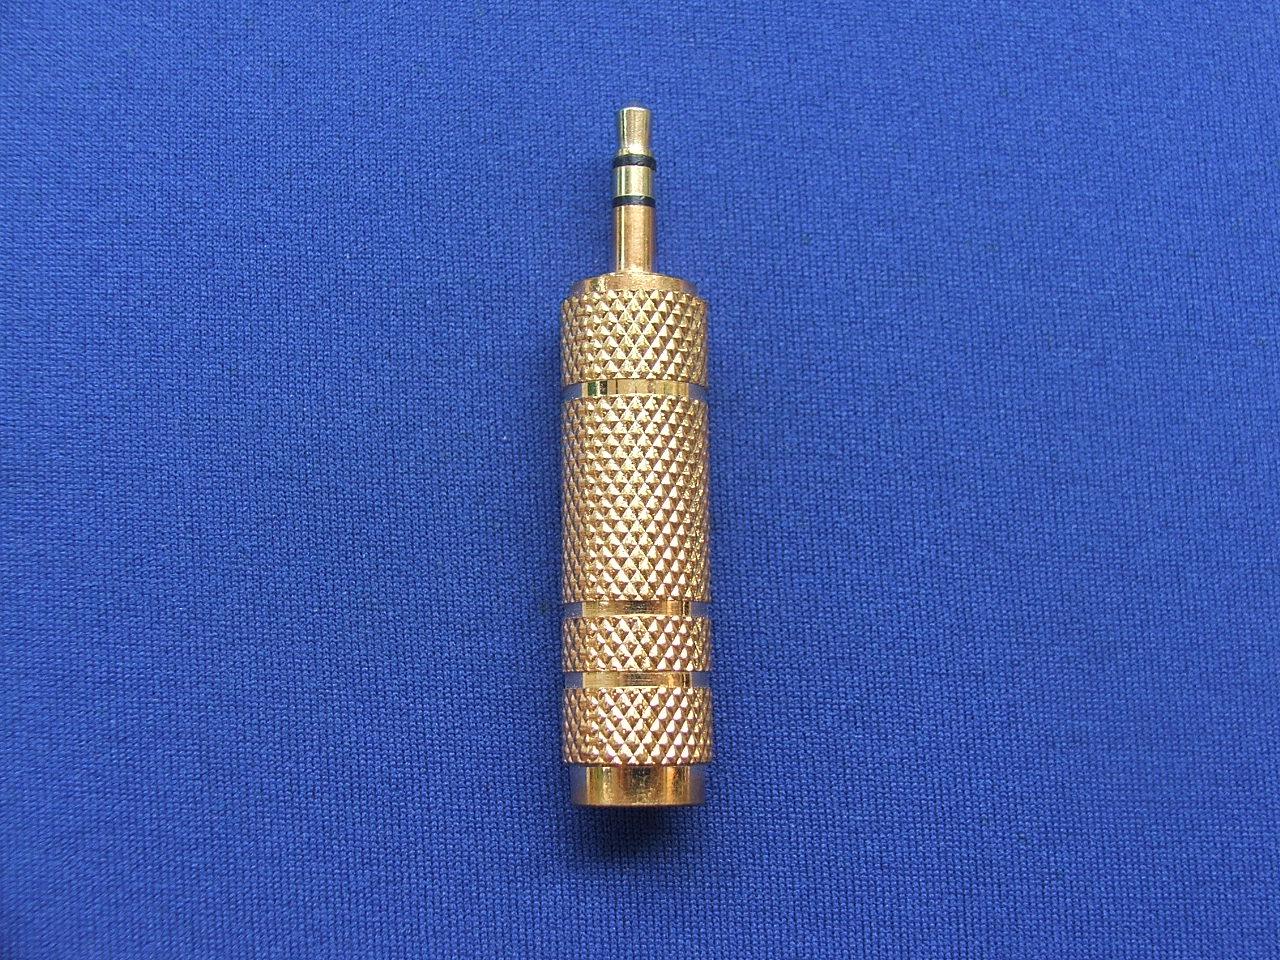 ตัวแปลงแจ๊คไมโครโฟนเป็น 3.5 mm